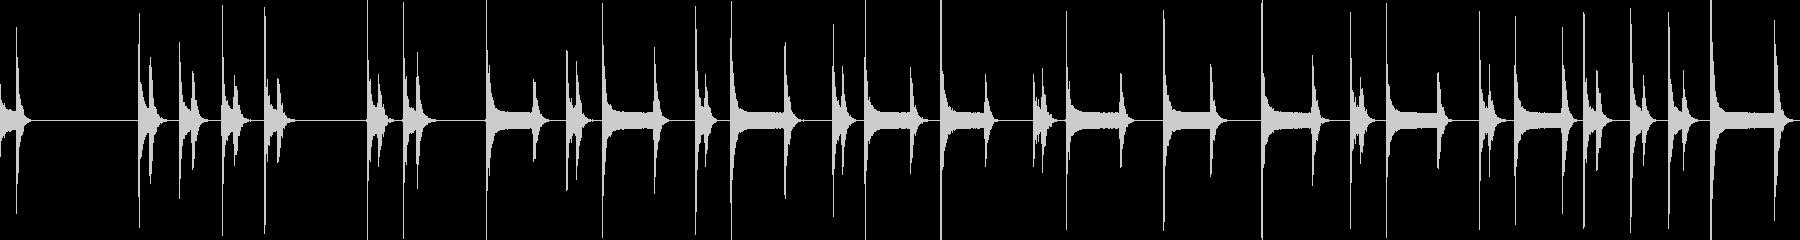 手打ちしたモールス信号の未再生の波形